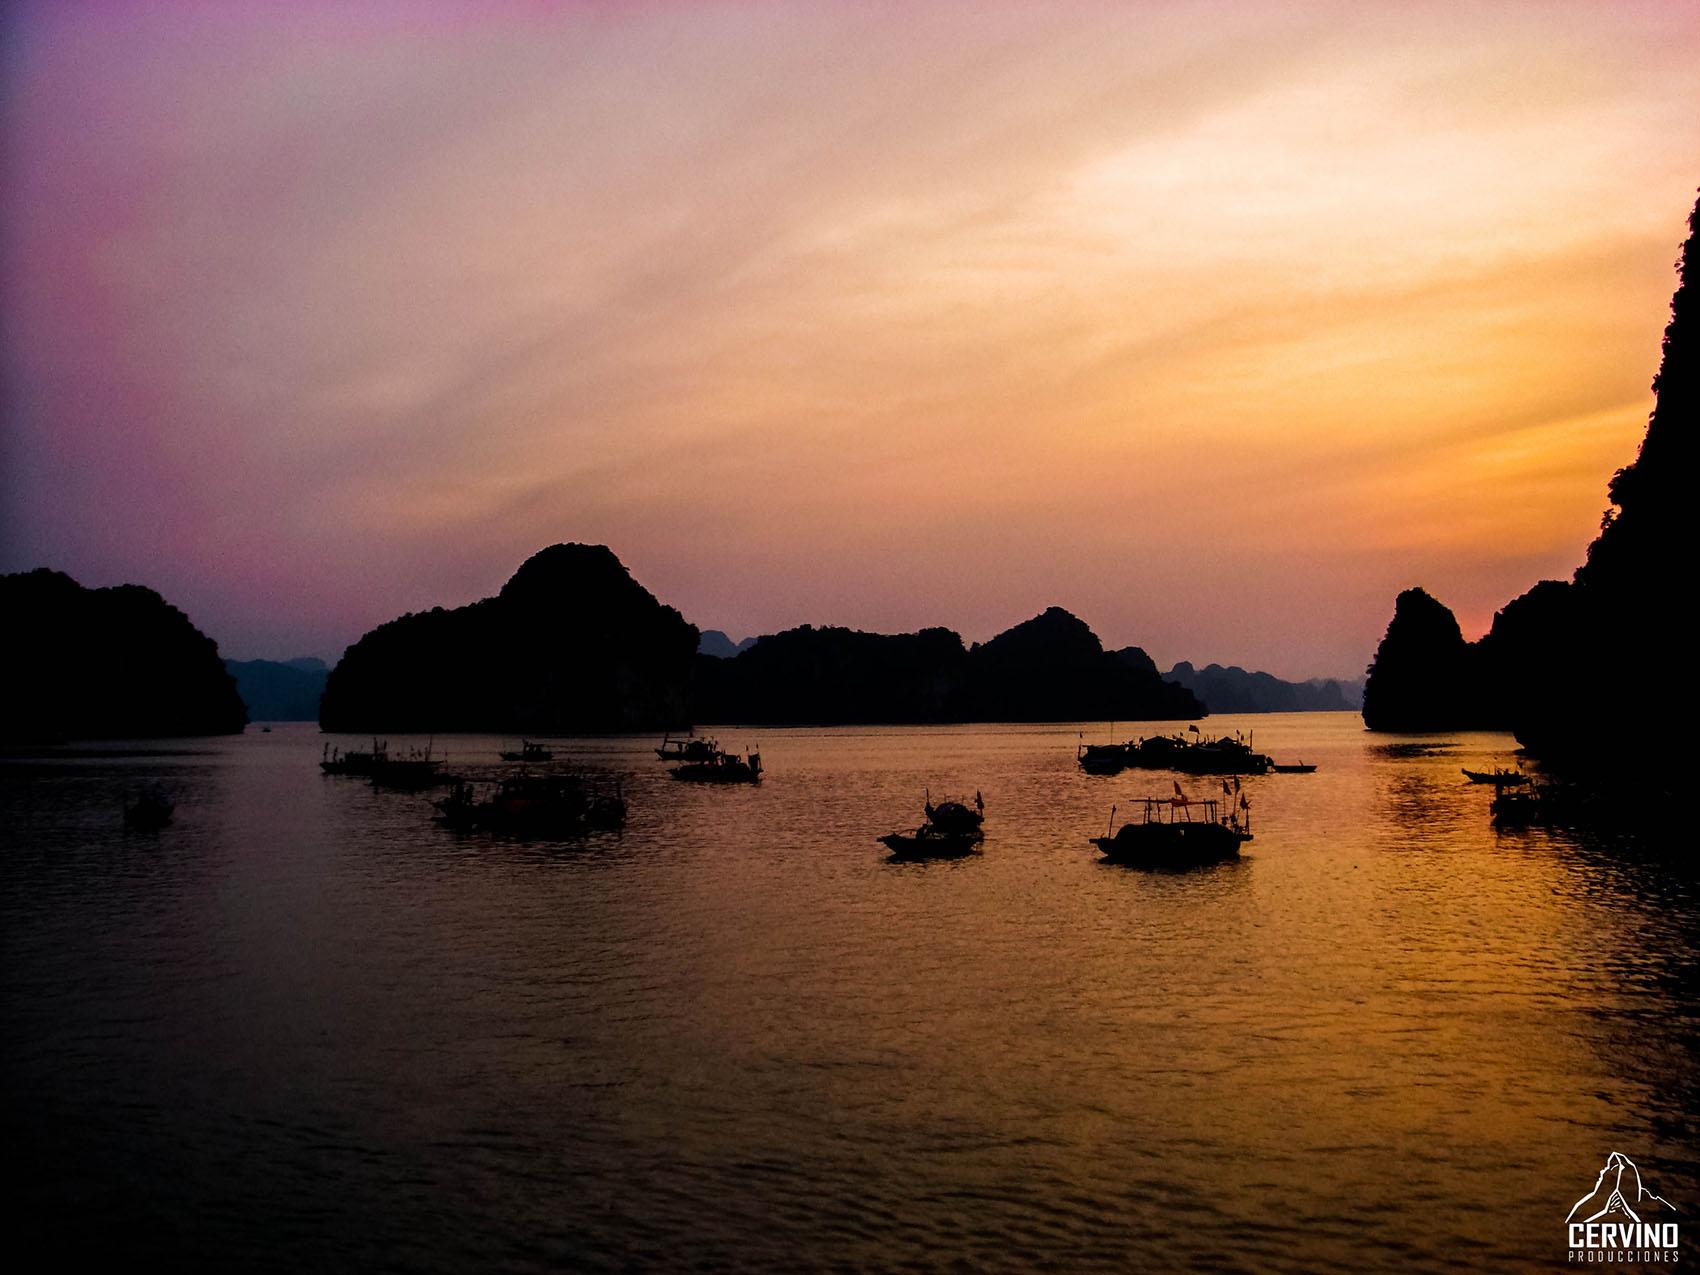 Portfolio_Cervino_2009_ Vietnam_05